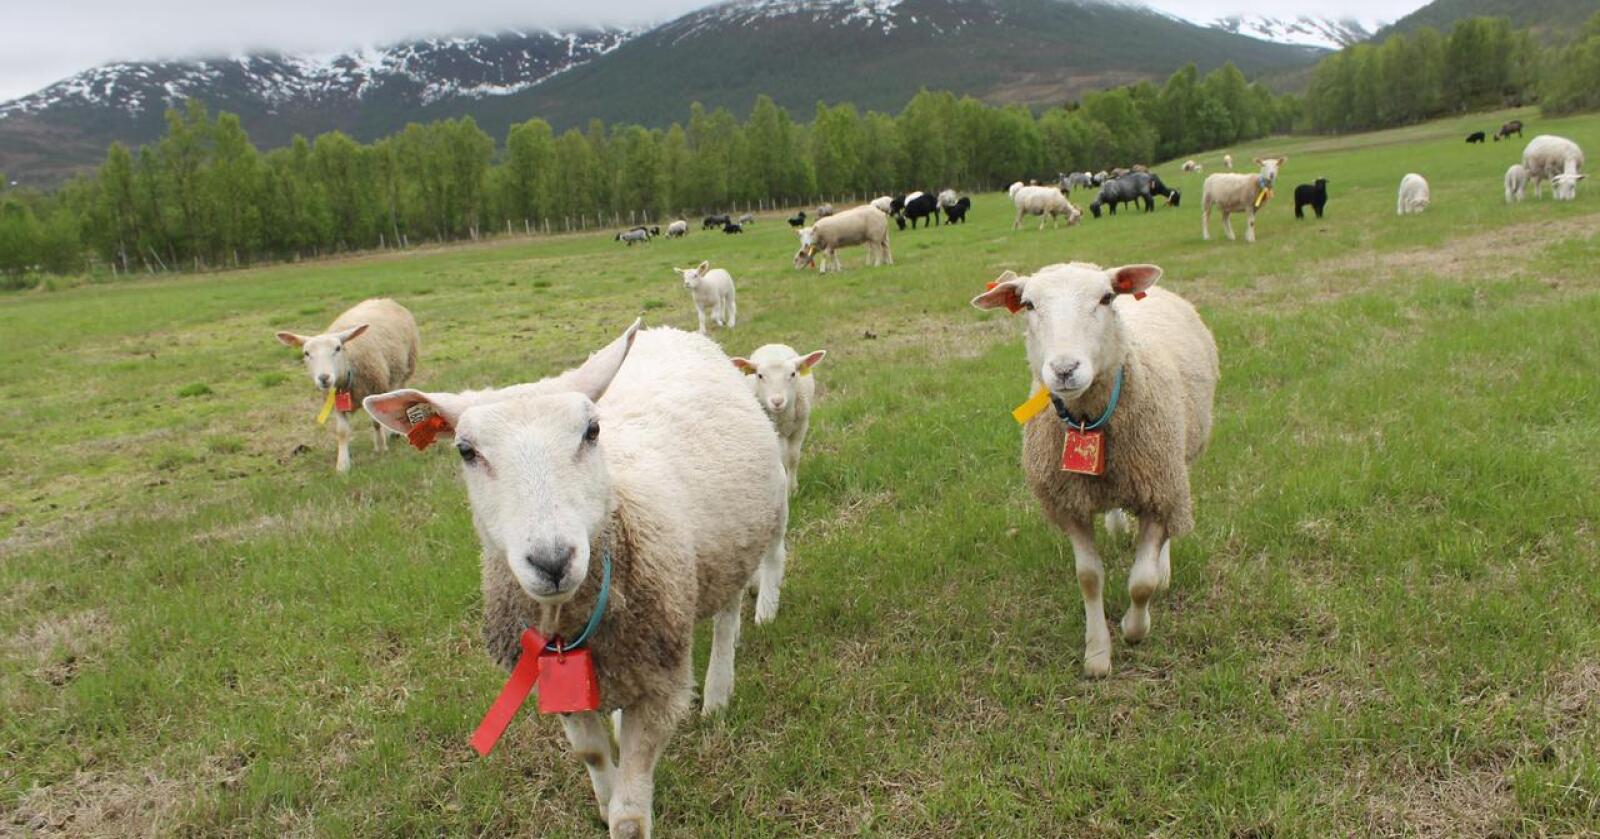 Venter færre dyr: I mars 2025 forventer sauebøndene i Troms og Finnmark totalt 29 900 søyer i det sammenslåtte fylket. Det vil være nesten en halvering fra dagens nivå. På bildet sees sau på beite i Goarahat i Porsanger kommune. Bildet er fra Balsfjord.  (Foto: Marit Glærum)